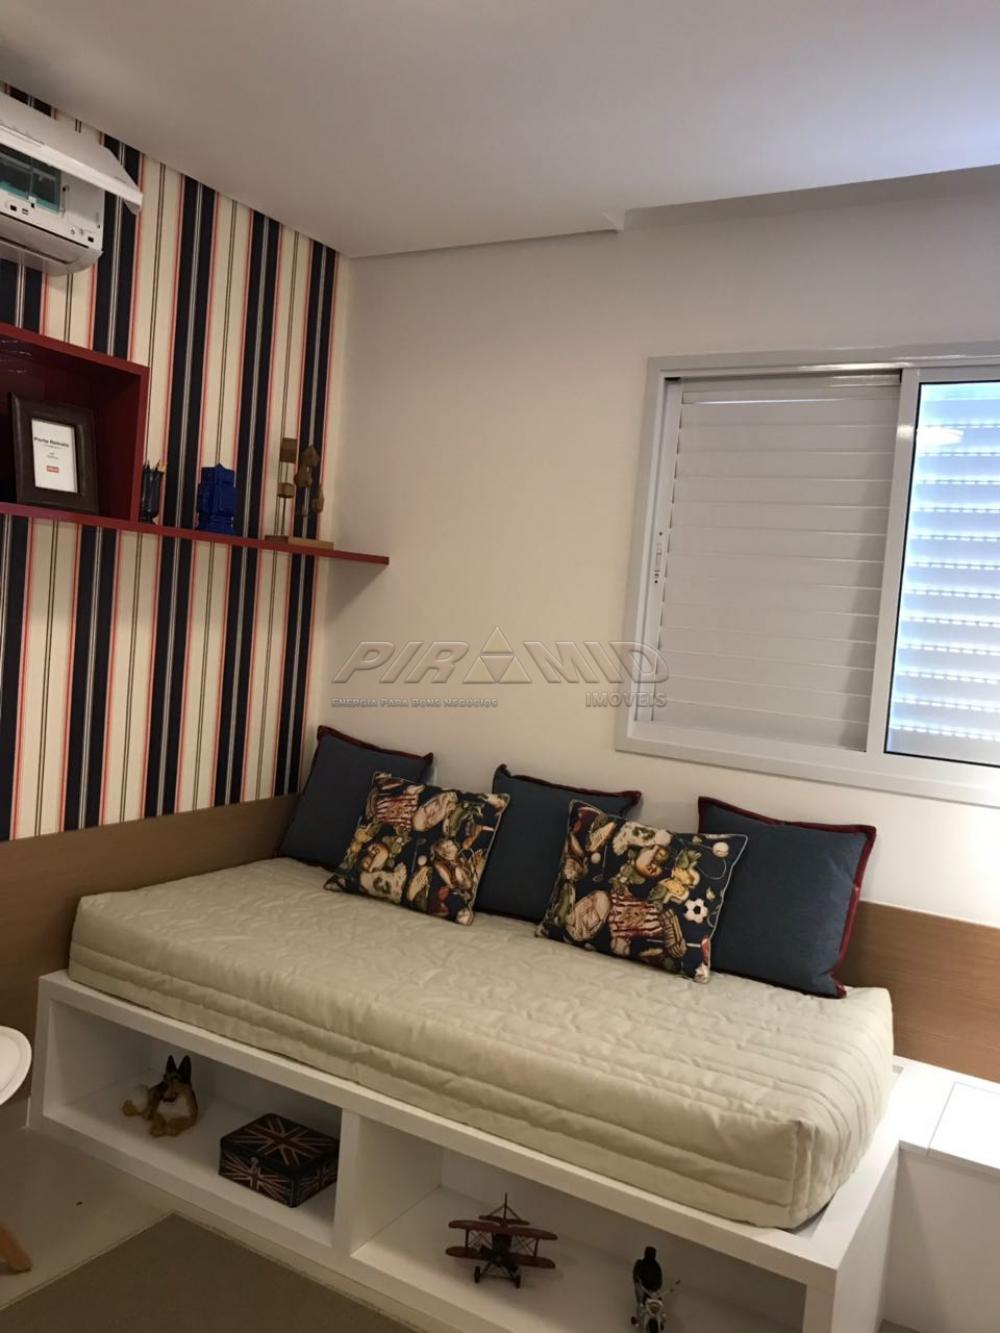 Comprar Apartamento / Padrão em Ribeirão Preto apenas R$ 624.100,00 - Foto 8